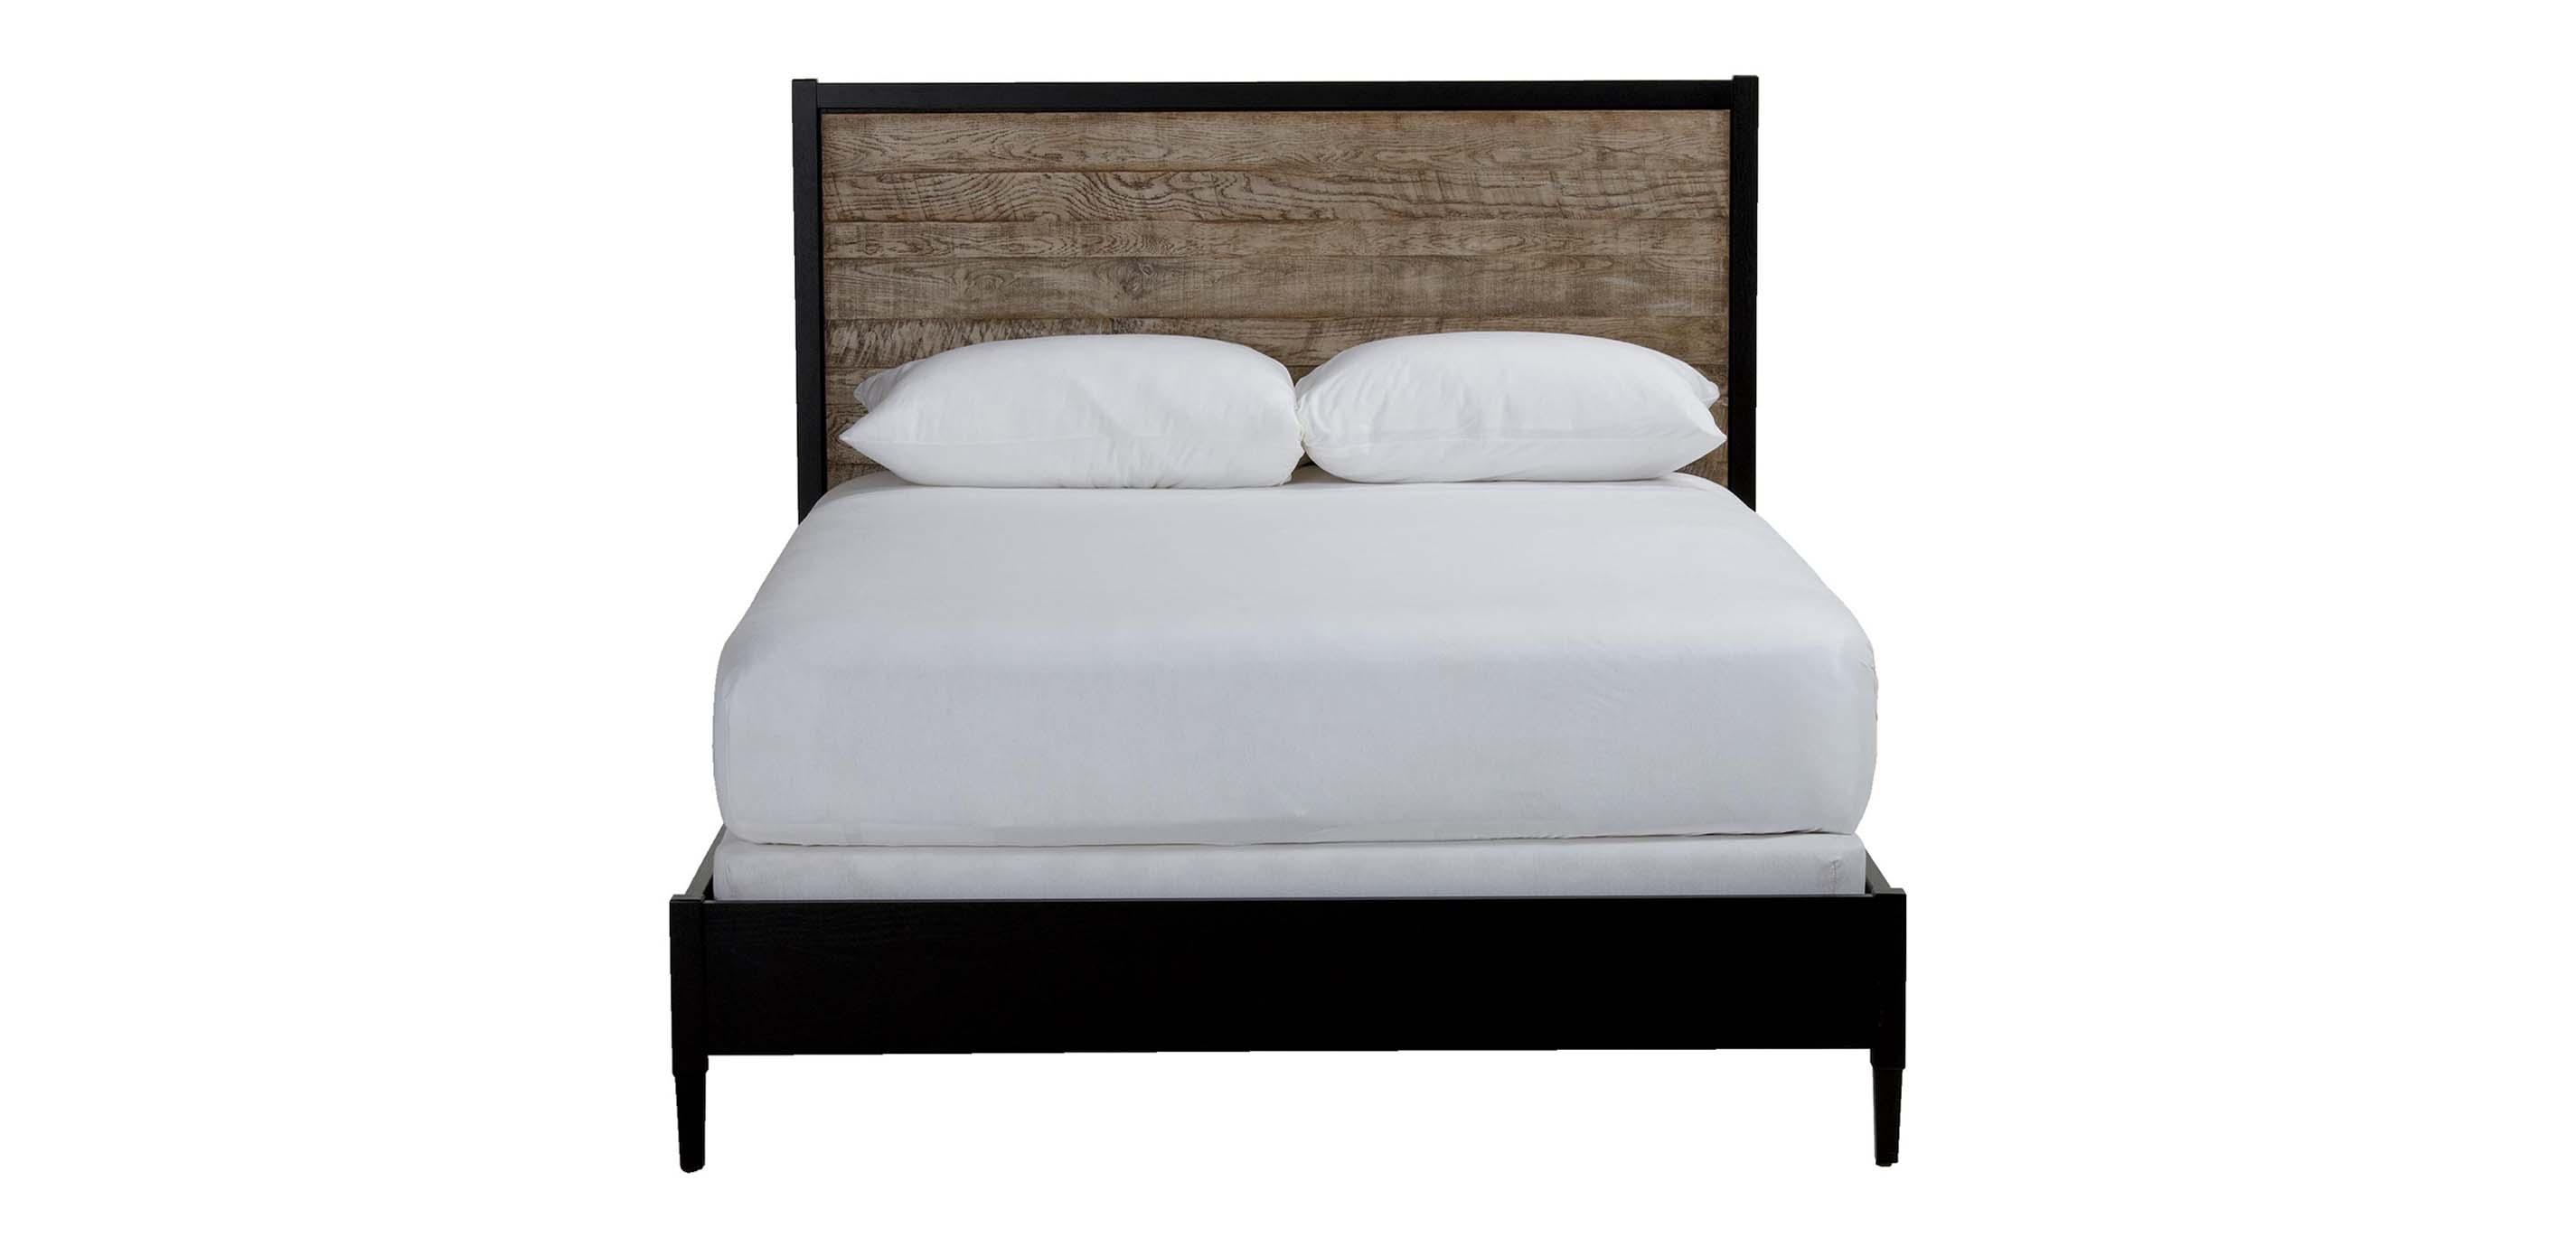 Merrick Bed Ethan Allen Beds Ethan Allen